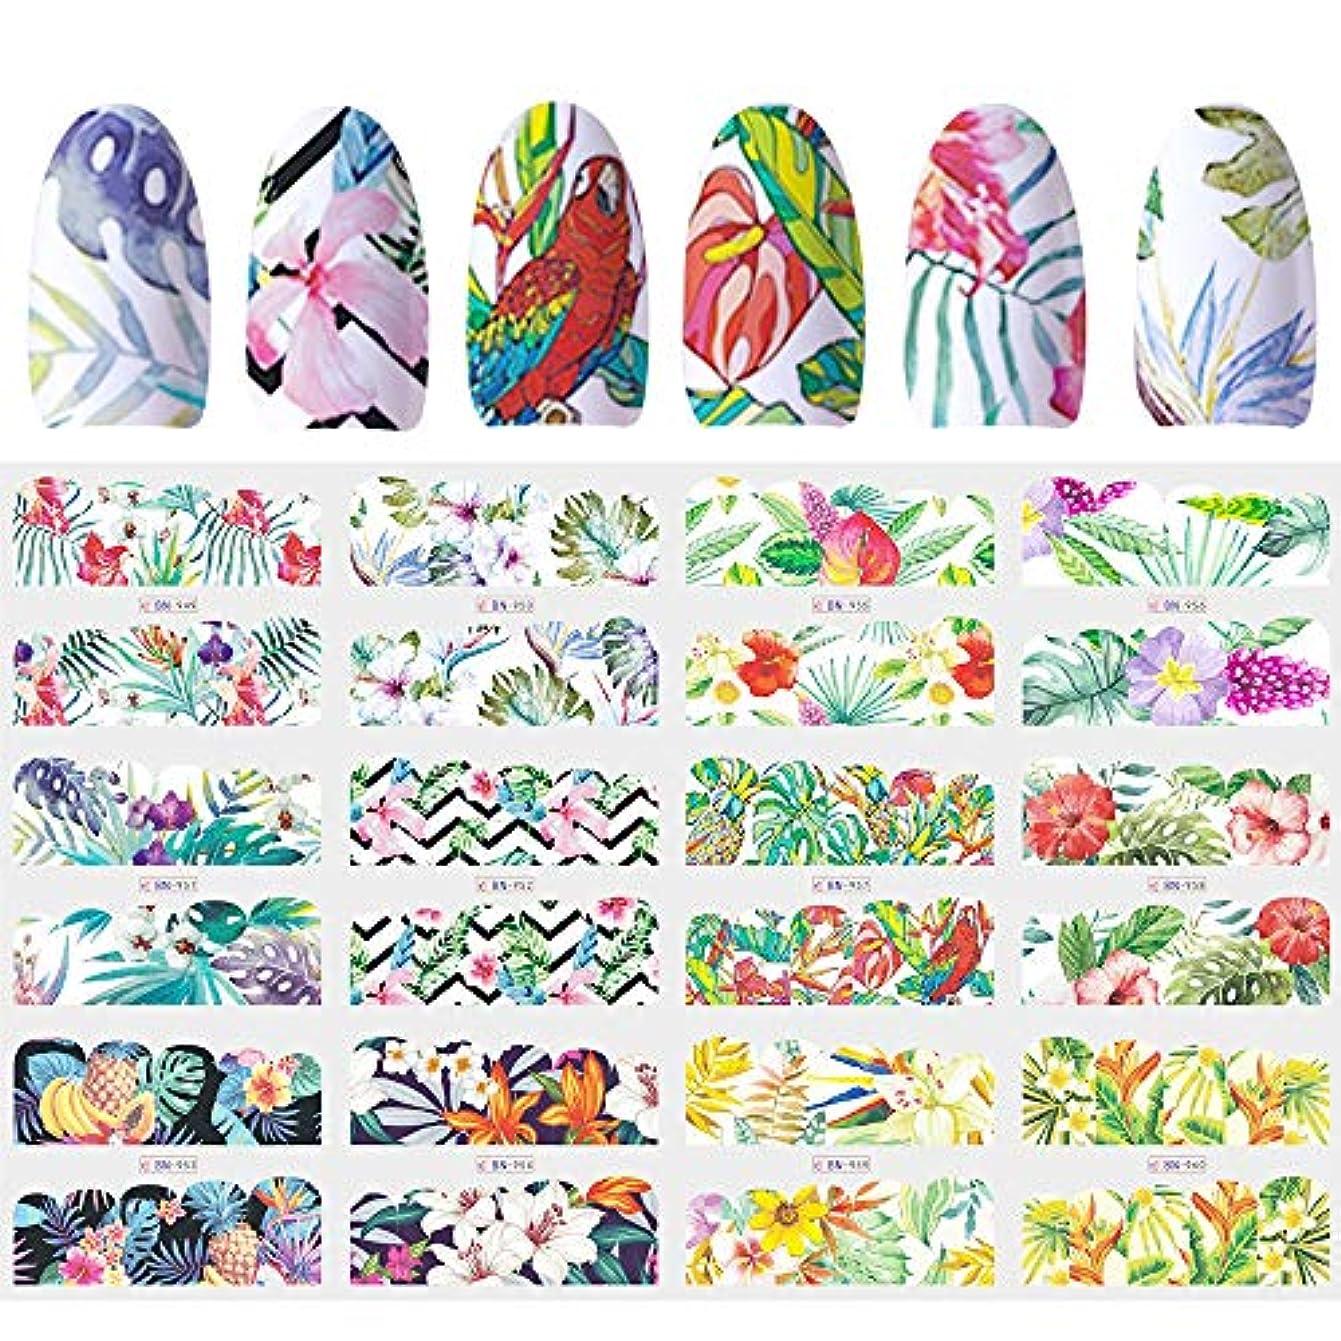 妖精リードバイバイSUKTI&XIAO ネイルステッカー 12デザインスライダーネイルステッカー水デカール転送タトゥートロピカルジャングル動物の花の接着剤マニキュアの装飾のヒント